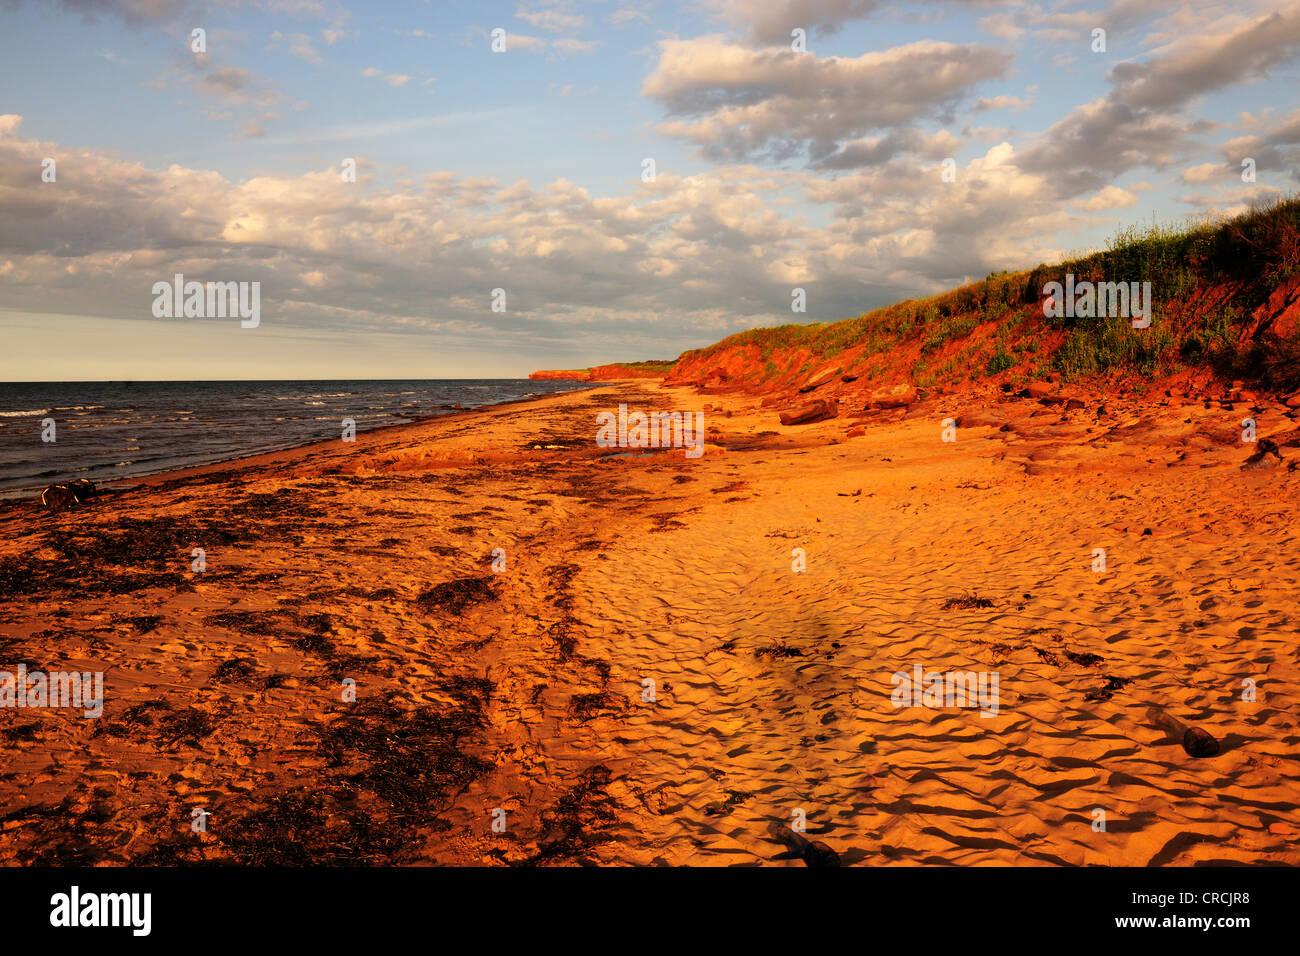 Playas y acantilados de arenisca roja, típico de la costa de Prince Edward Island National Park, Prince Edward Imagen De Stock